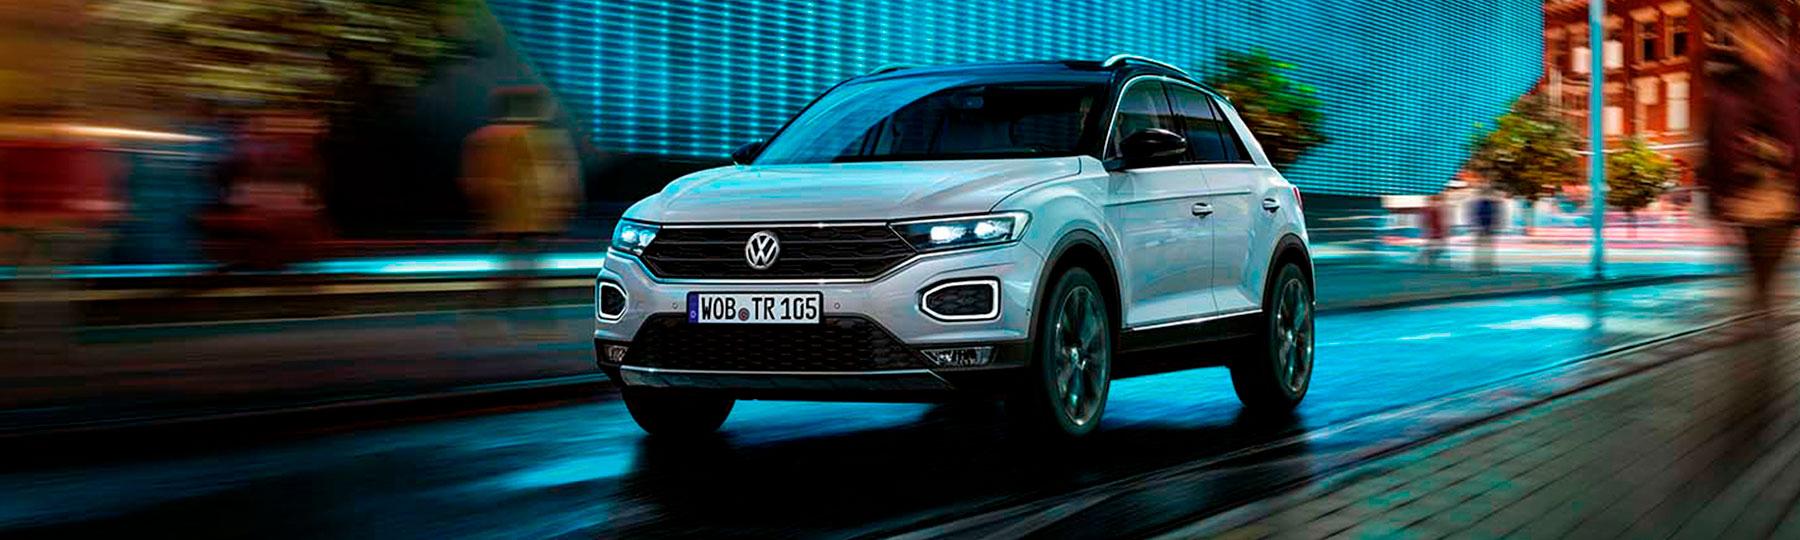 Gandia Motors, Concesionario Oficial Volkswagen en Gandia (Valencia)